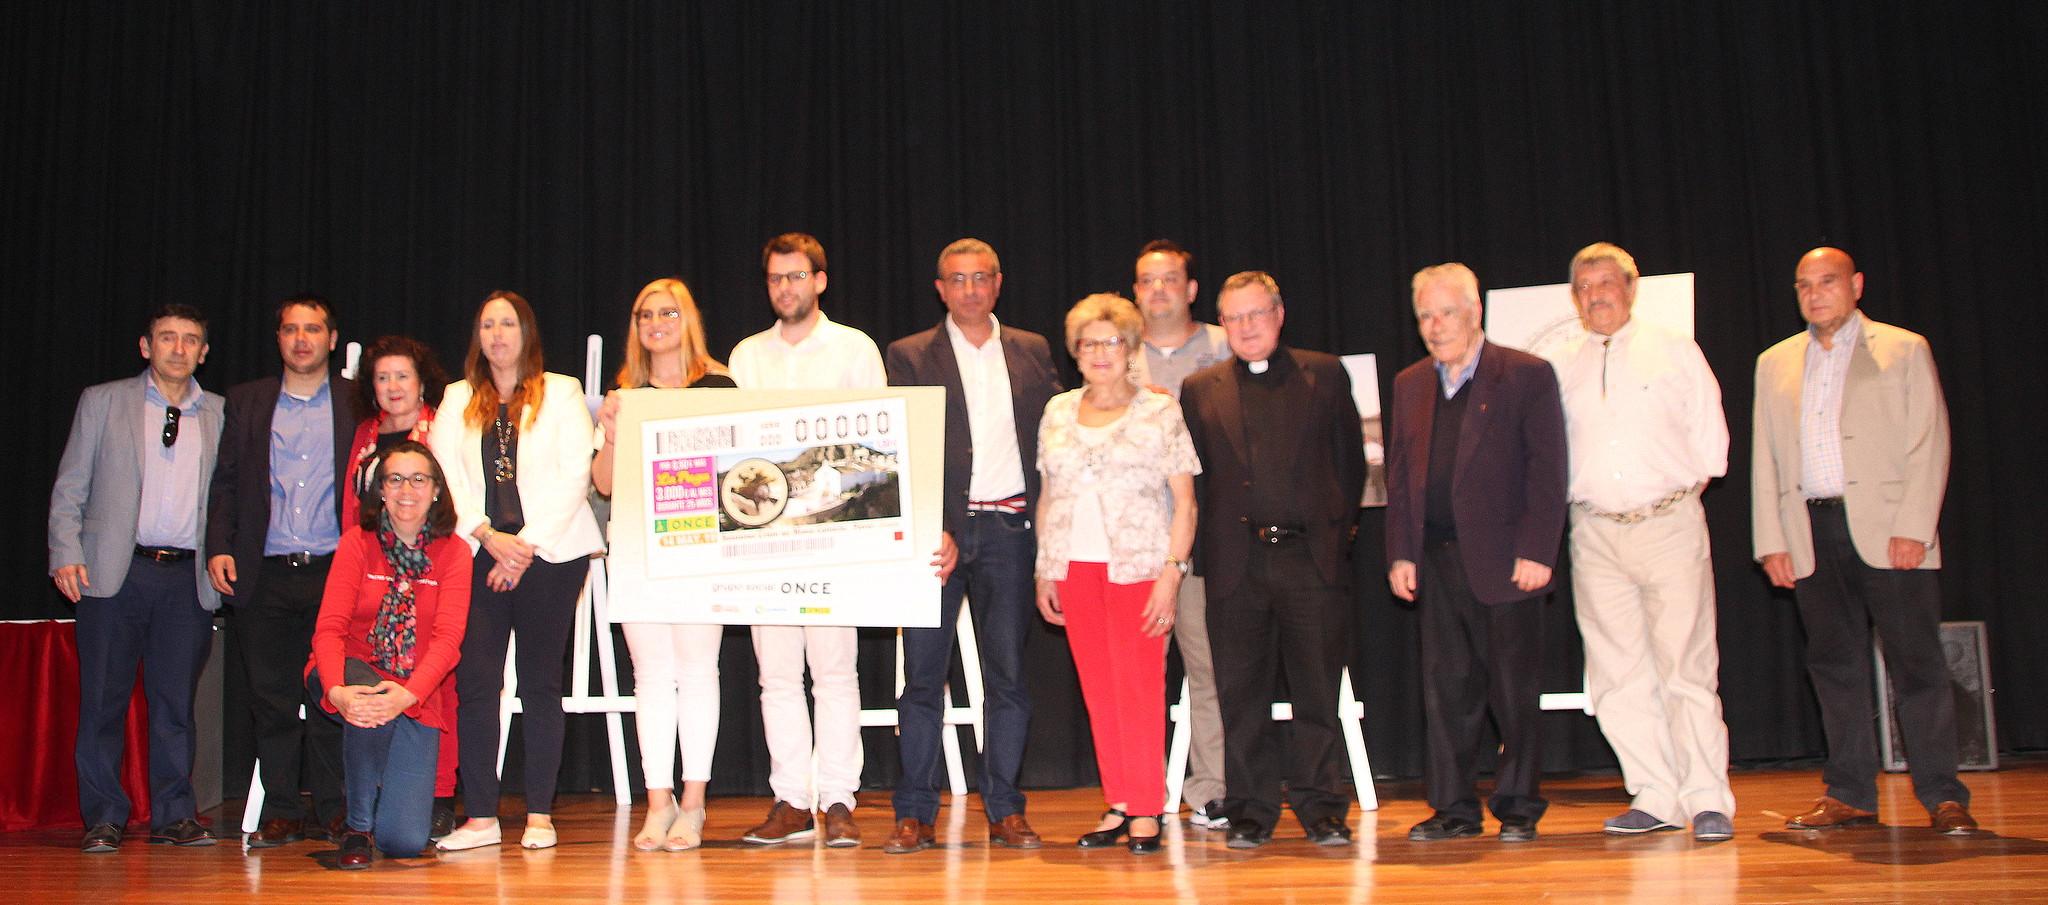 (2019-05-10) - Gala Clausura 75 aniversario - Javier Romero Ripoll (095)